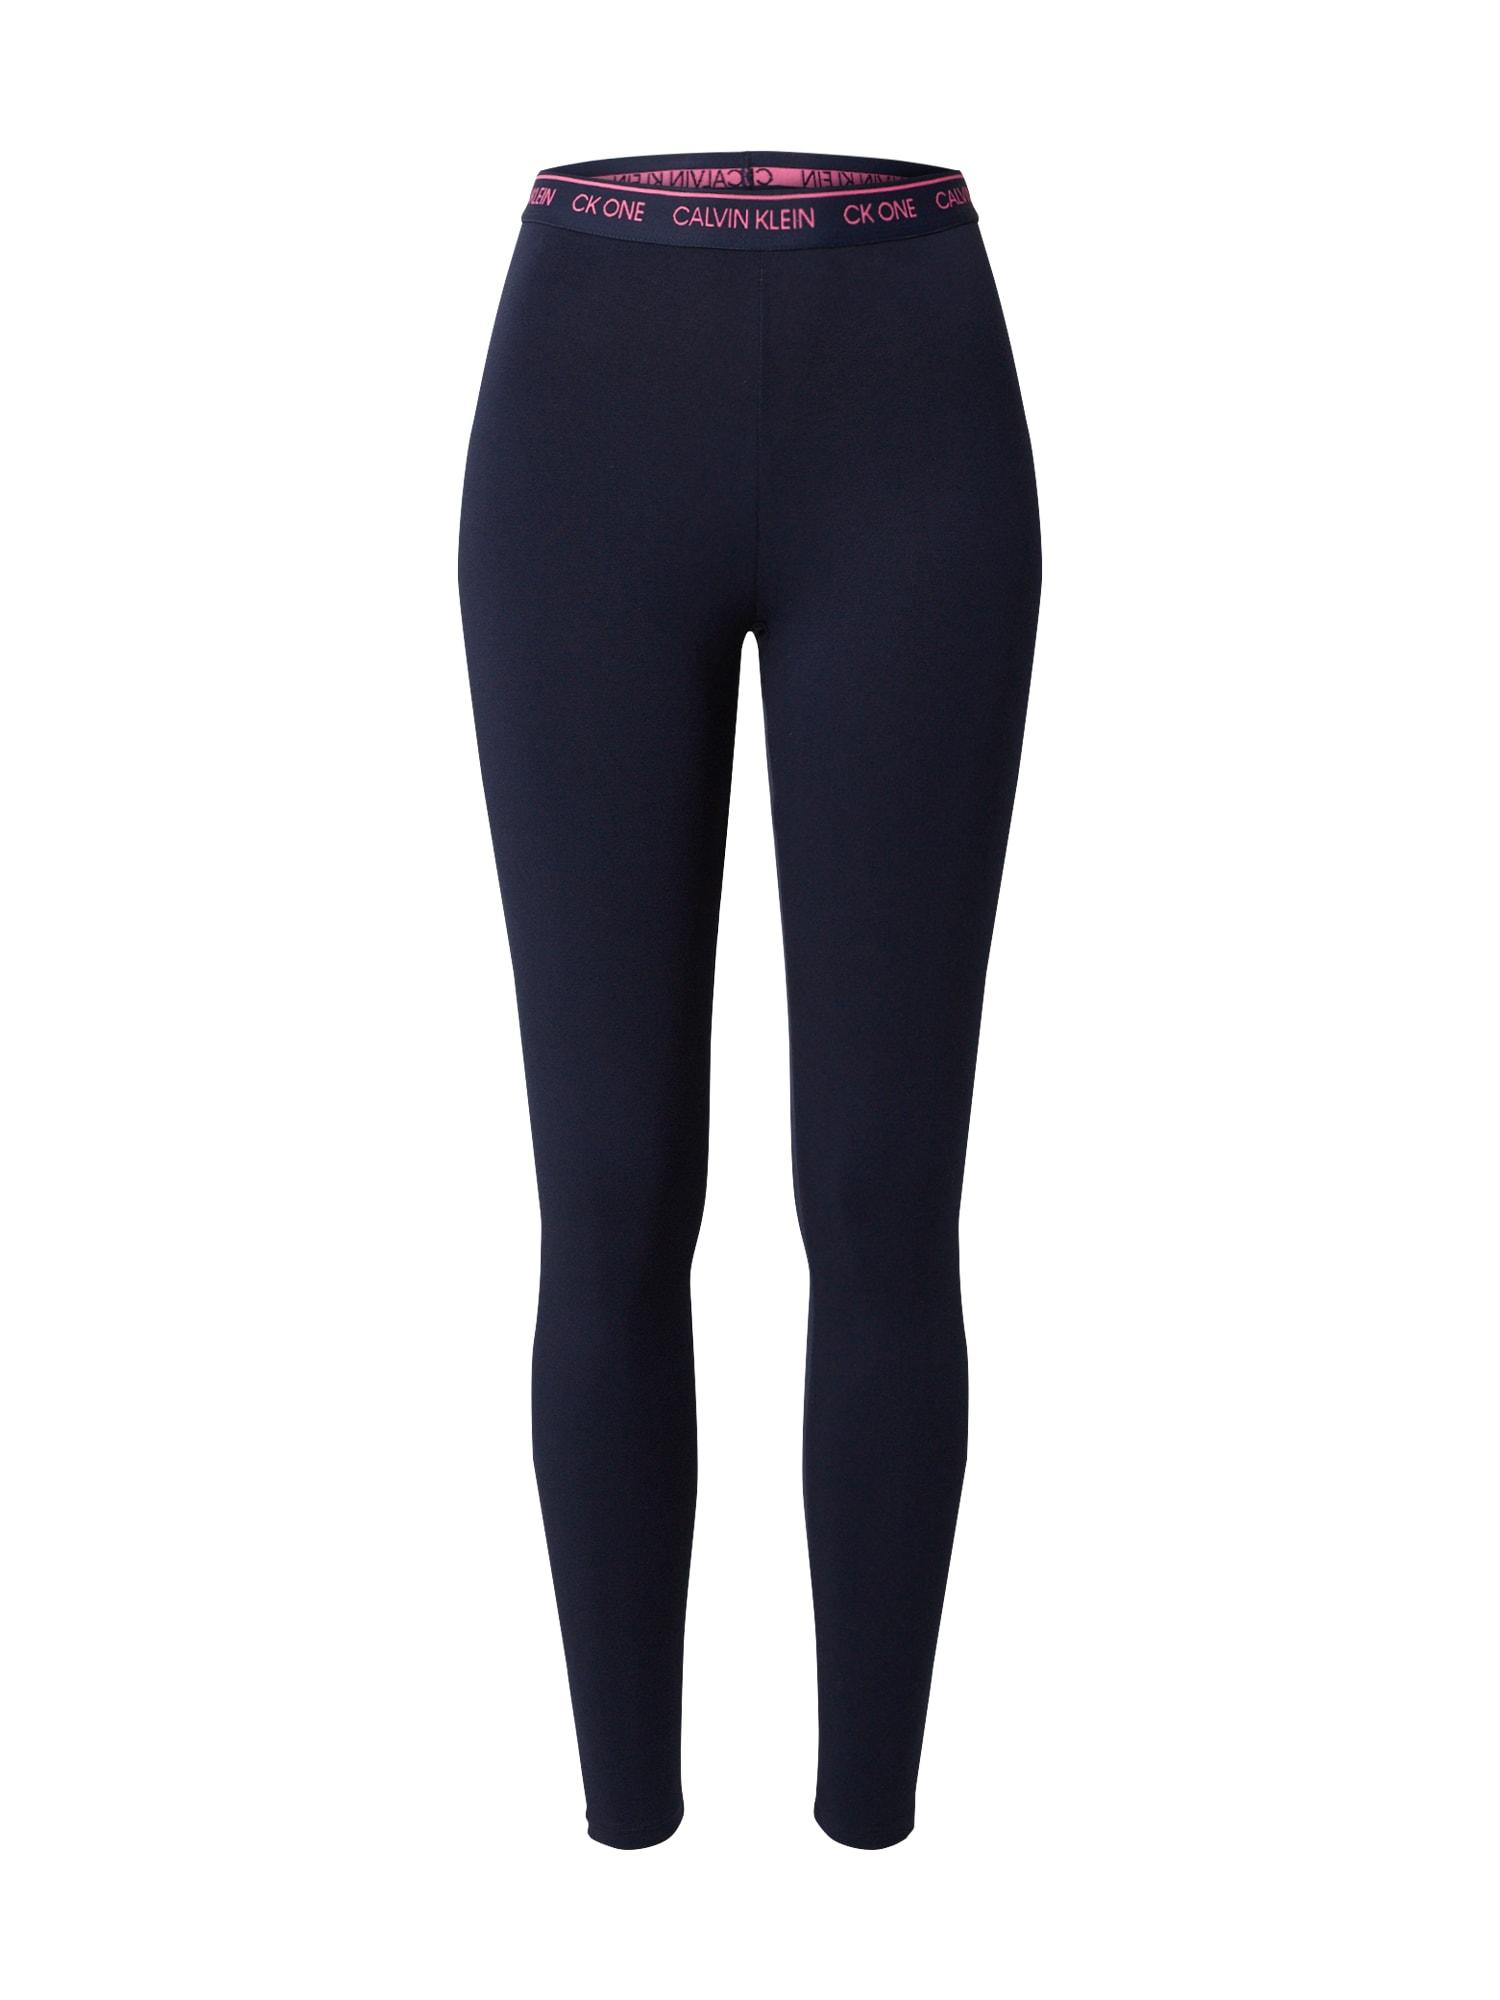 Calvin Klein Underwear Pižaminės kelnės tamsiai mėlyna